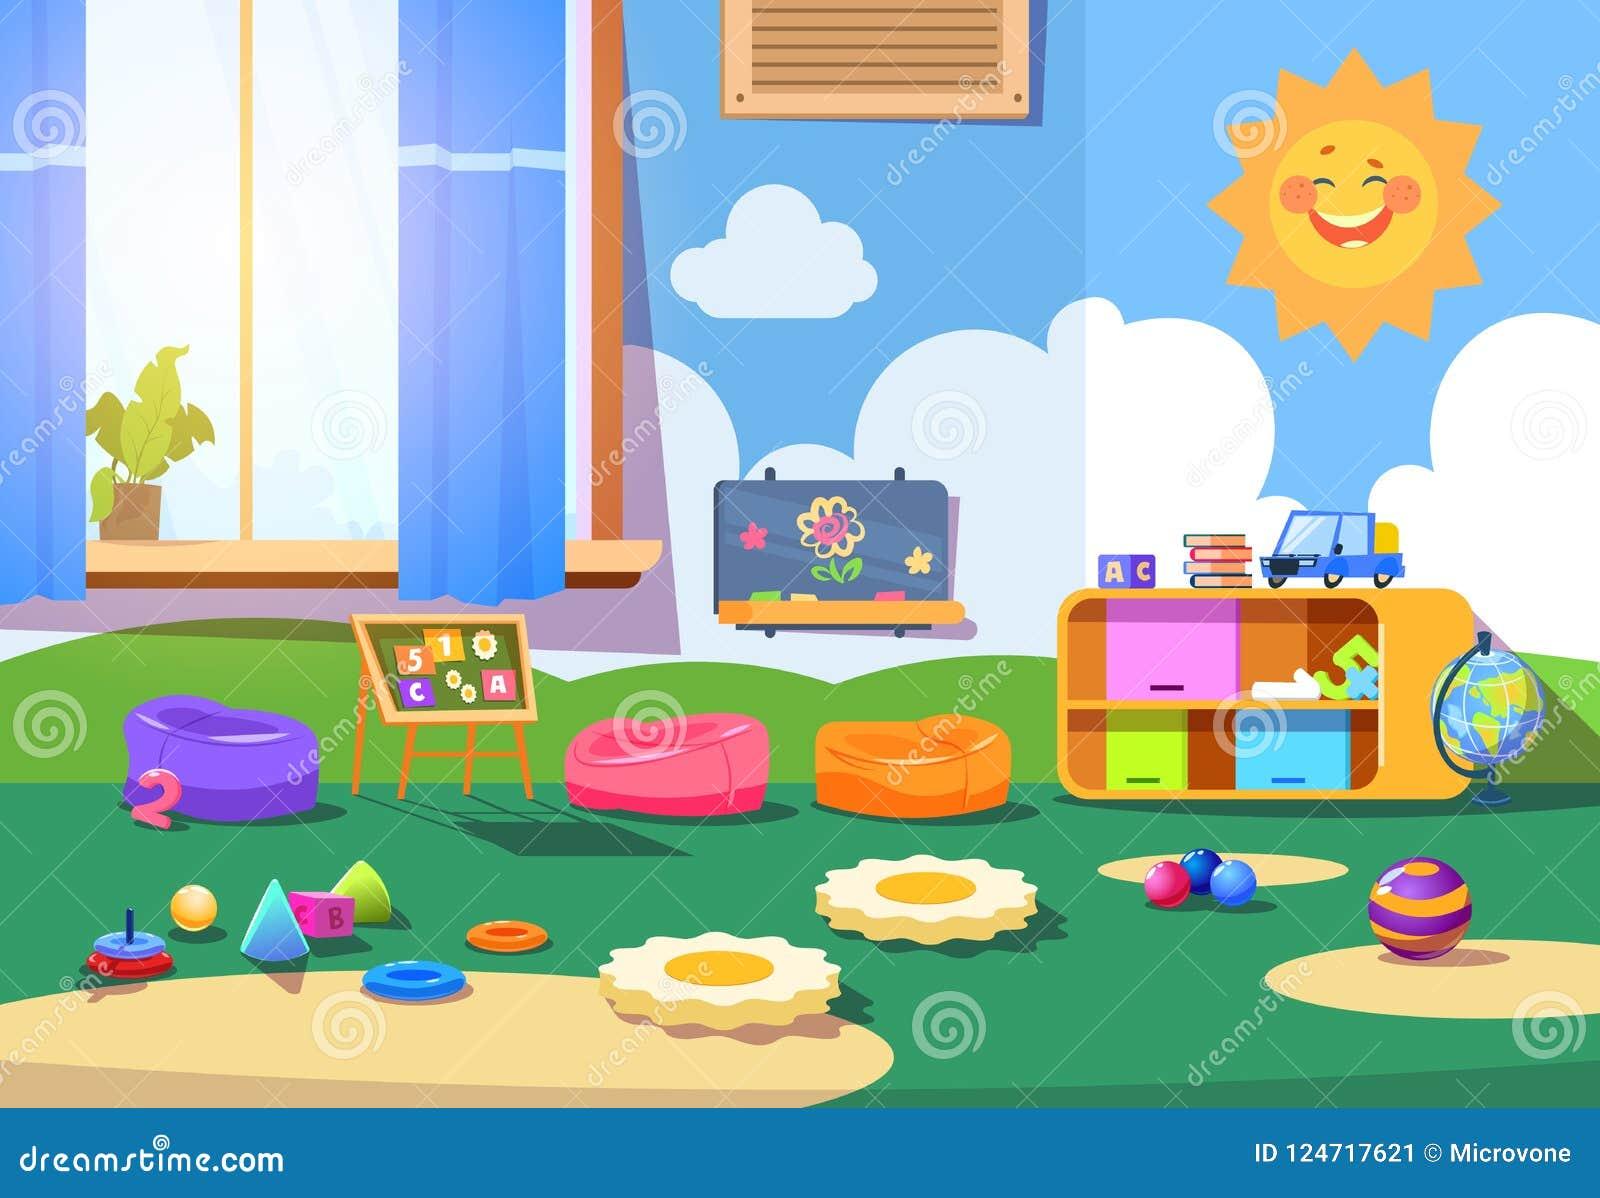 Δωμάτιο παιδικών σταθμών Κενό δωμάτιο playschool με τα παιχνίδια και τα έπιπλα Διανυσματικό εσωτερικό κινούμενων σχεδίων χώρων γι